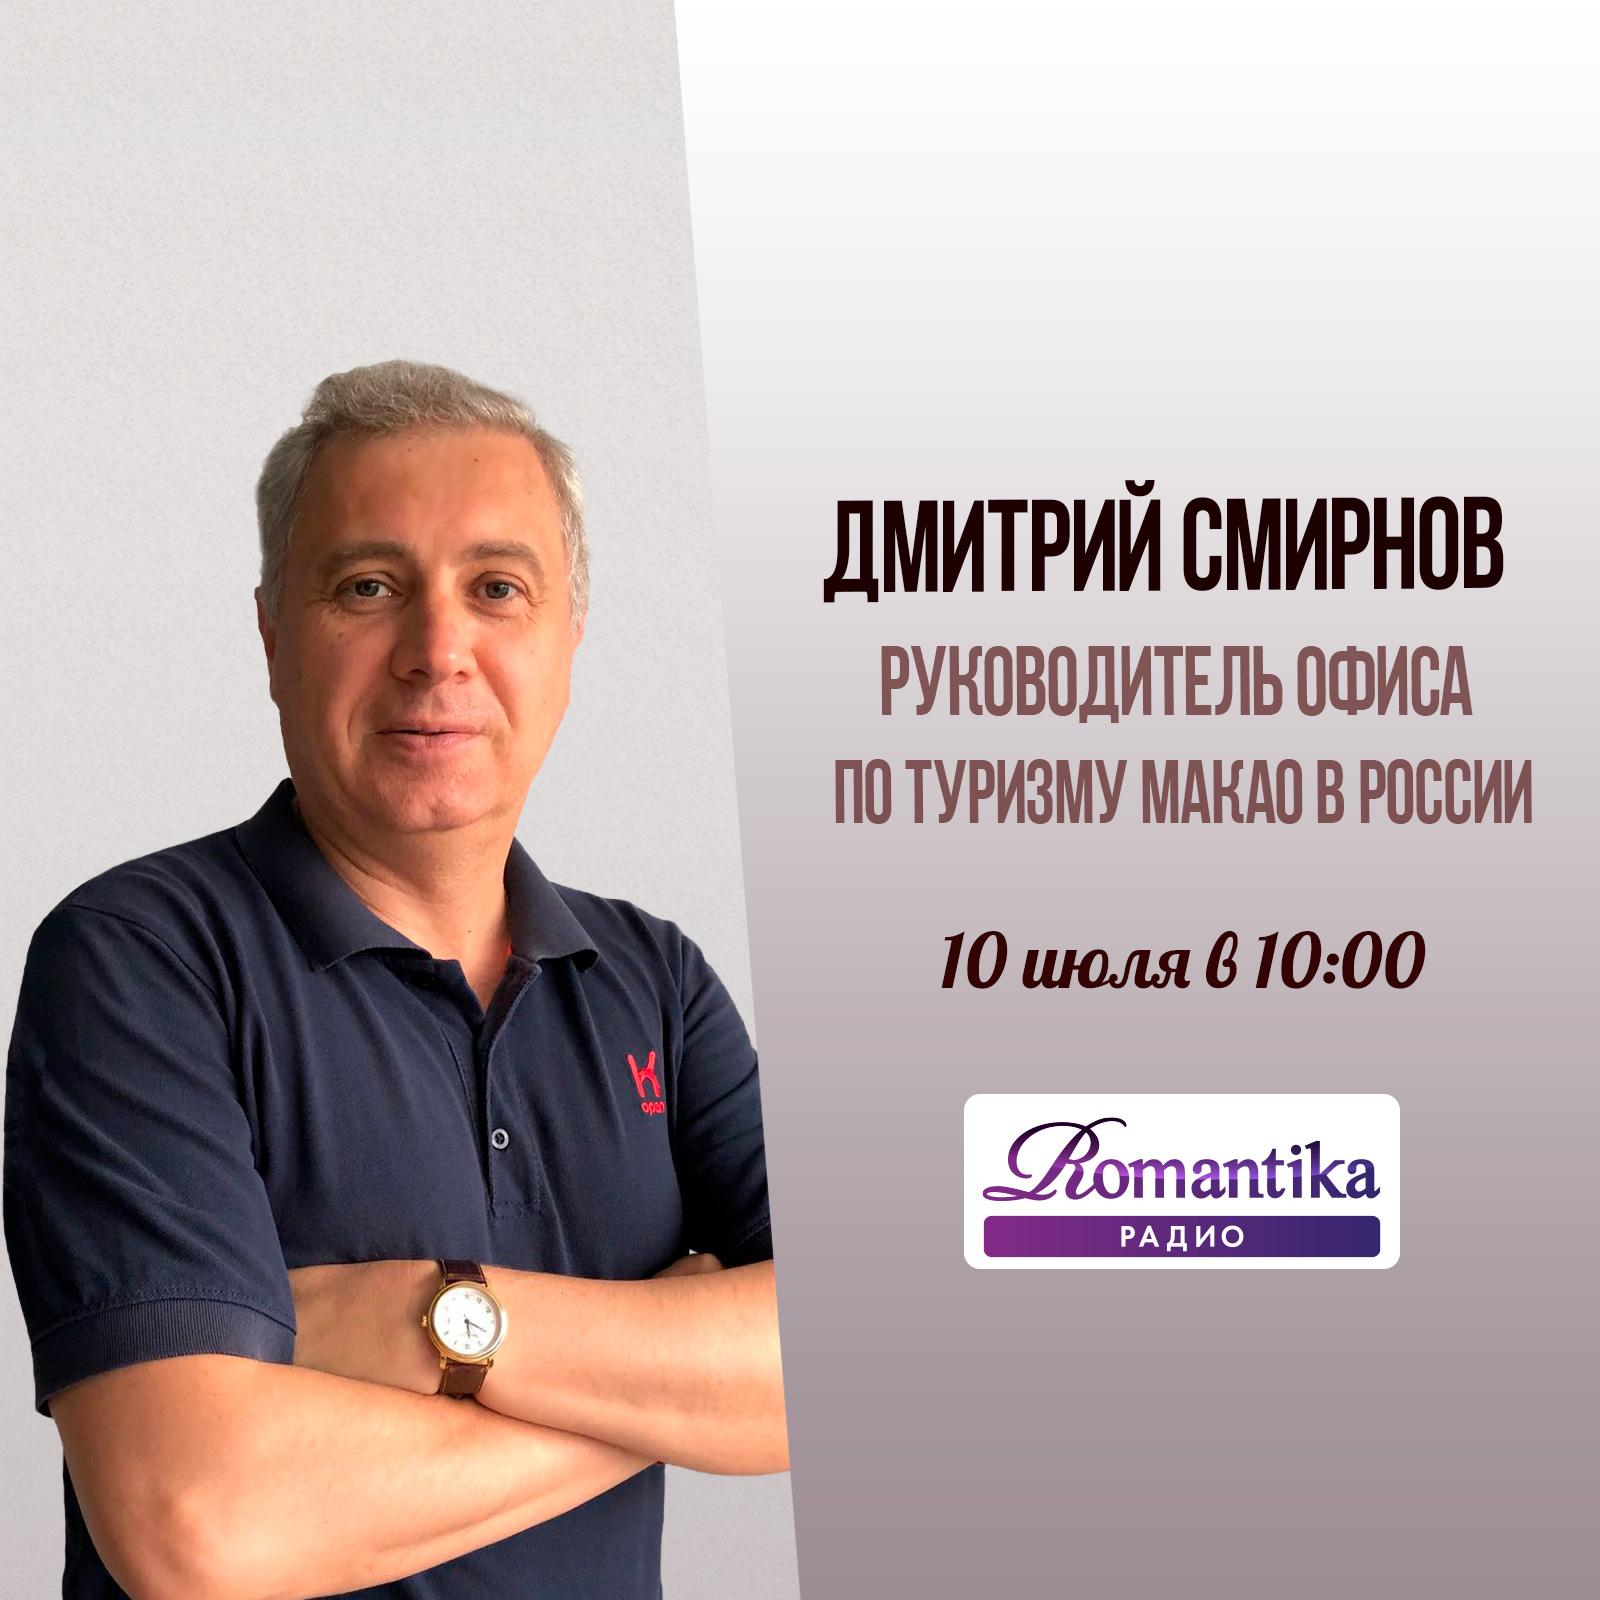 Утро на радио Romantika: 10 июля – в гостях руководитель офиса по туризму Макао в России Дмитрий Смирнов - Радио Romantika